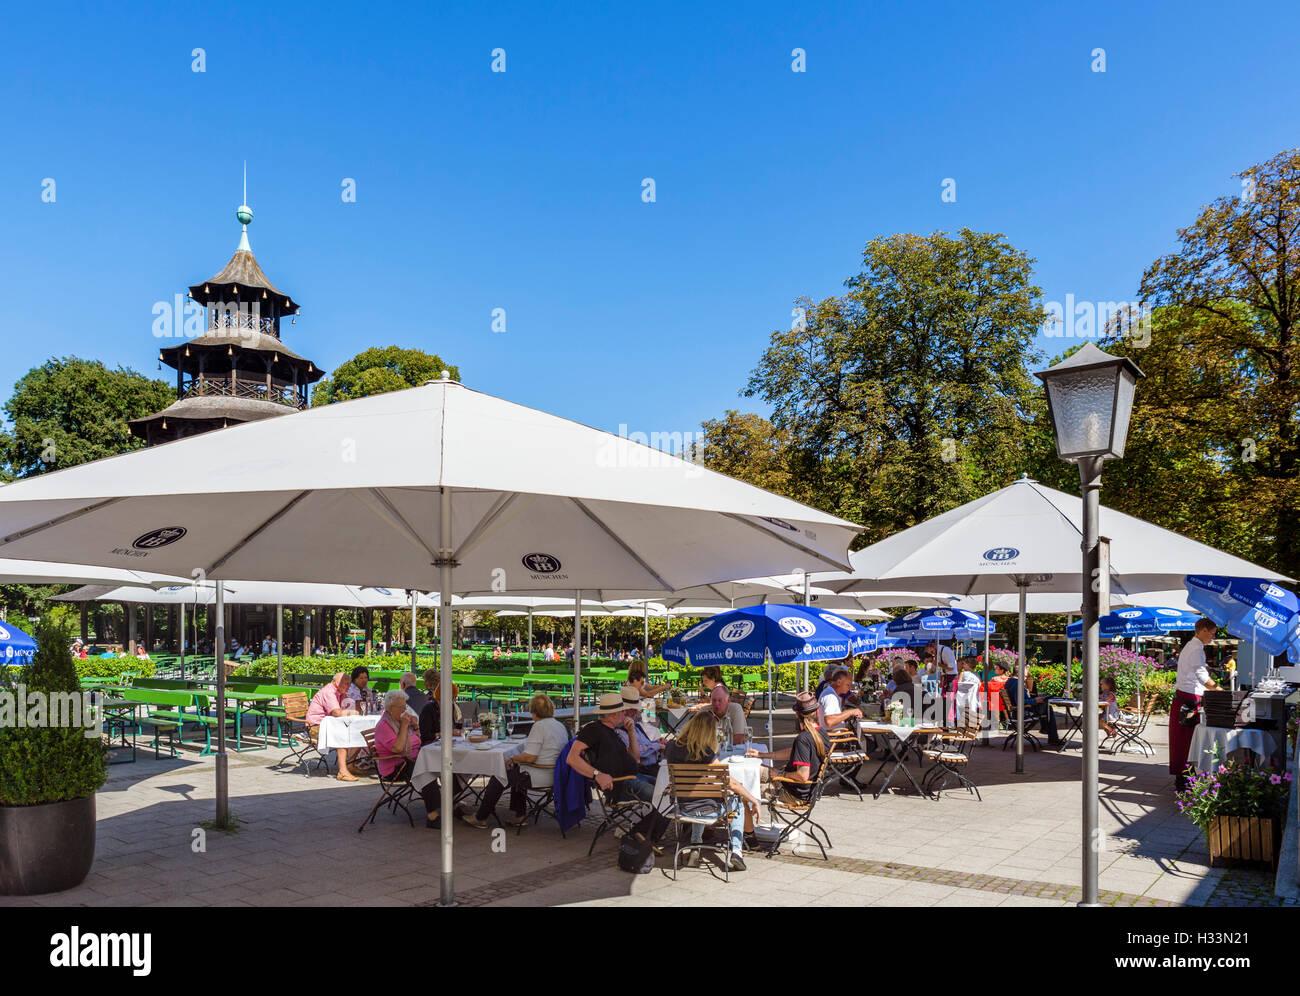 Restaurant at the Chinesischen Turm (Chinese Tower) in the Englischer Garten, Munich, Bavaria, Germany - Stock Image